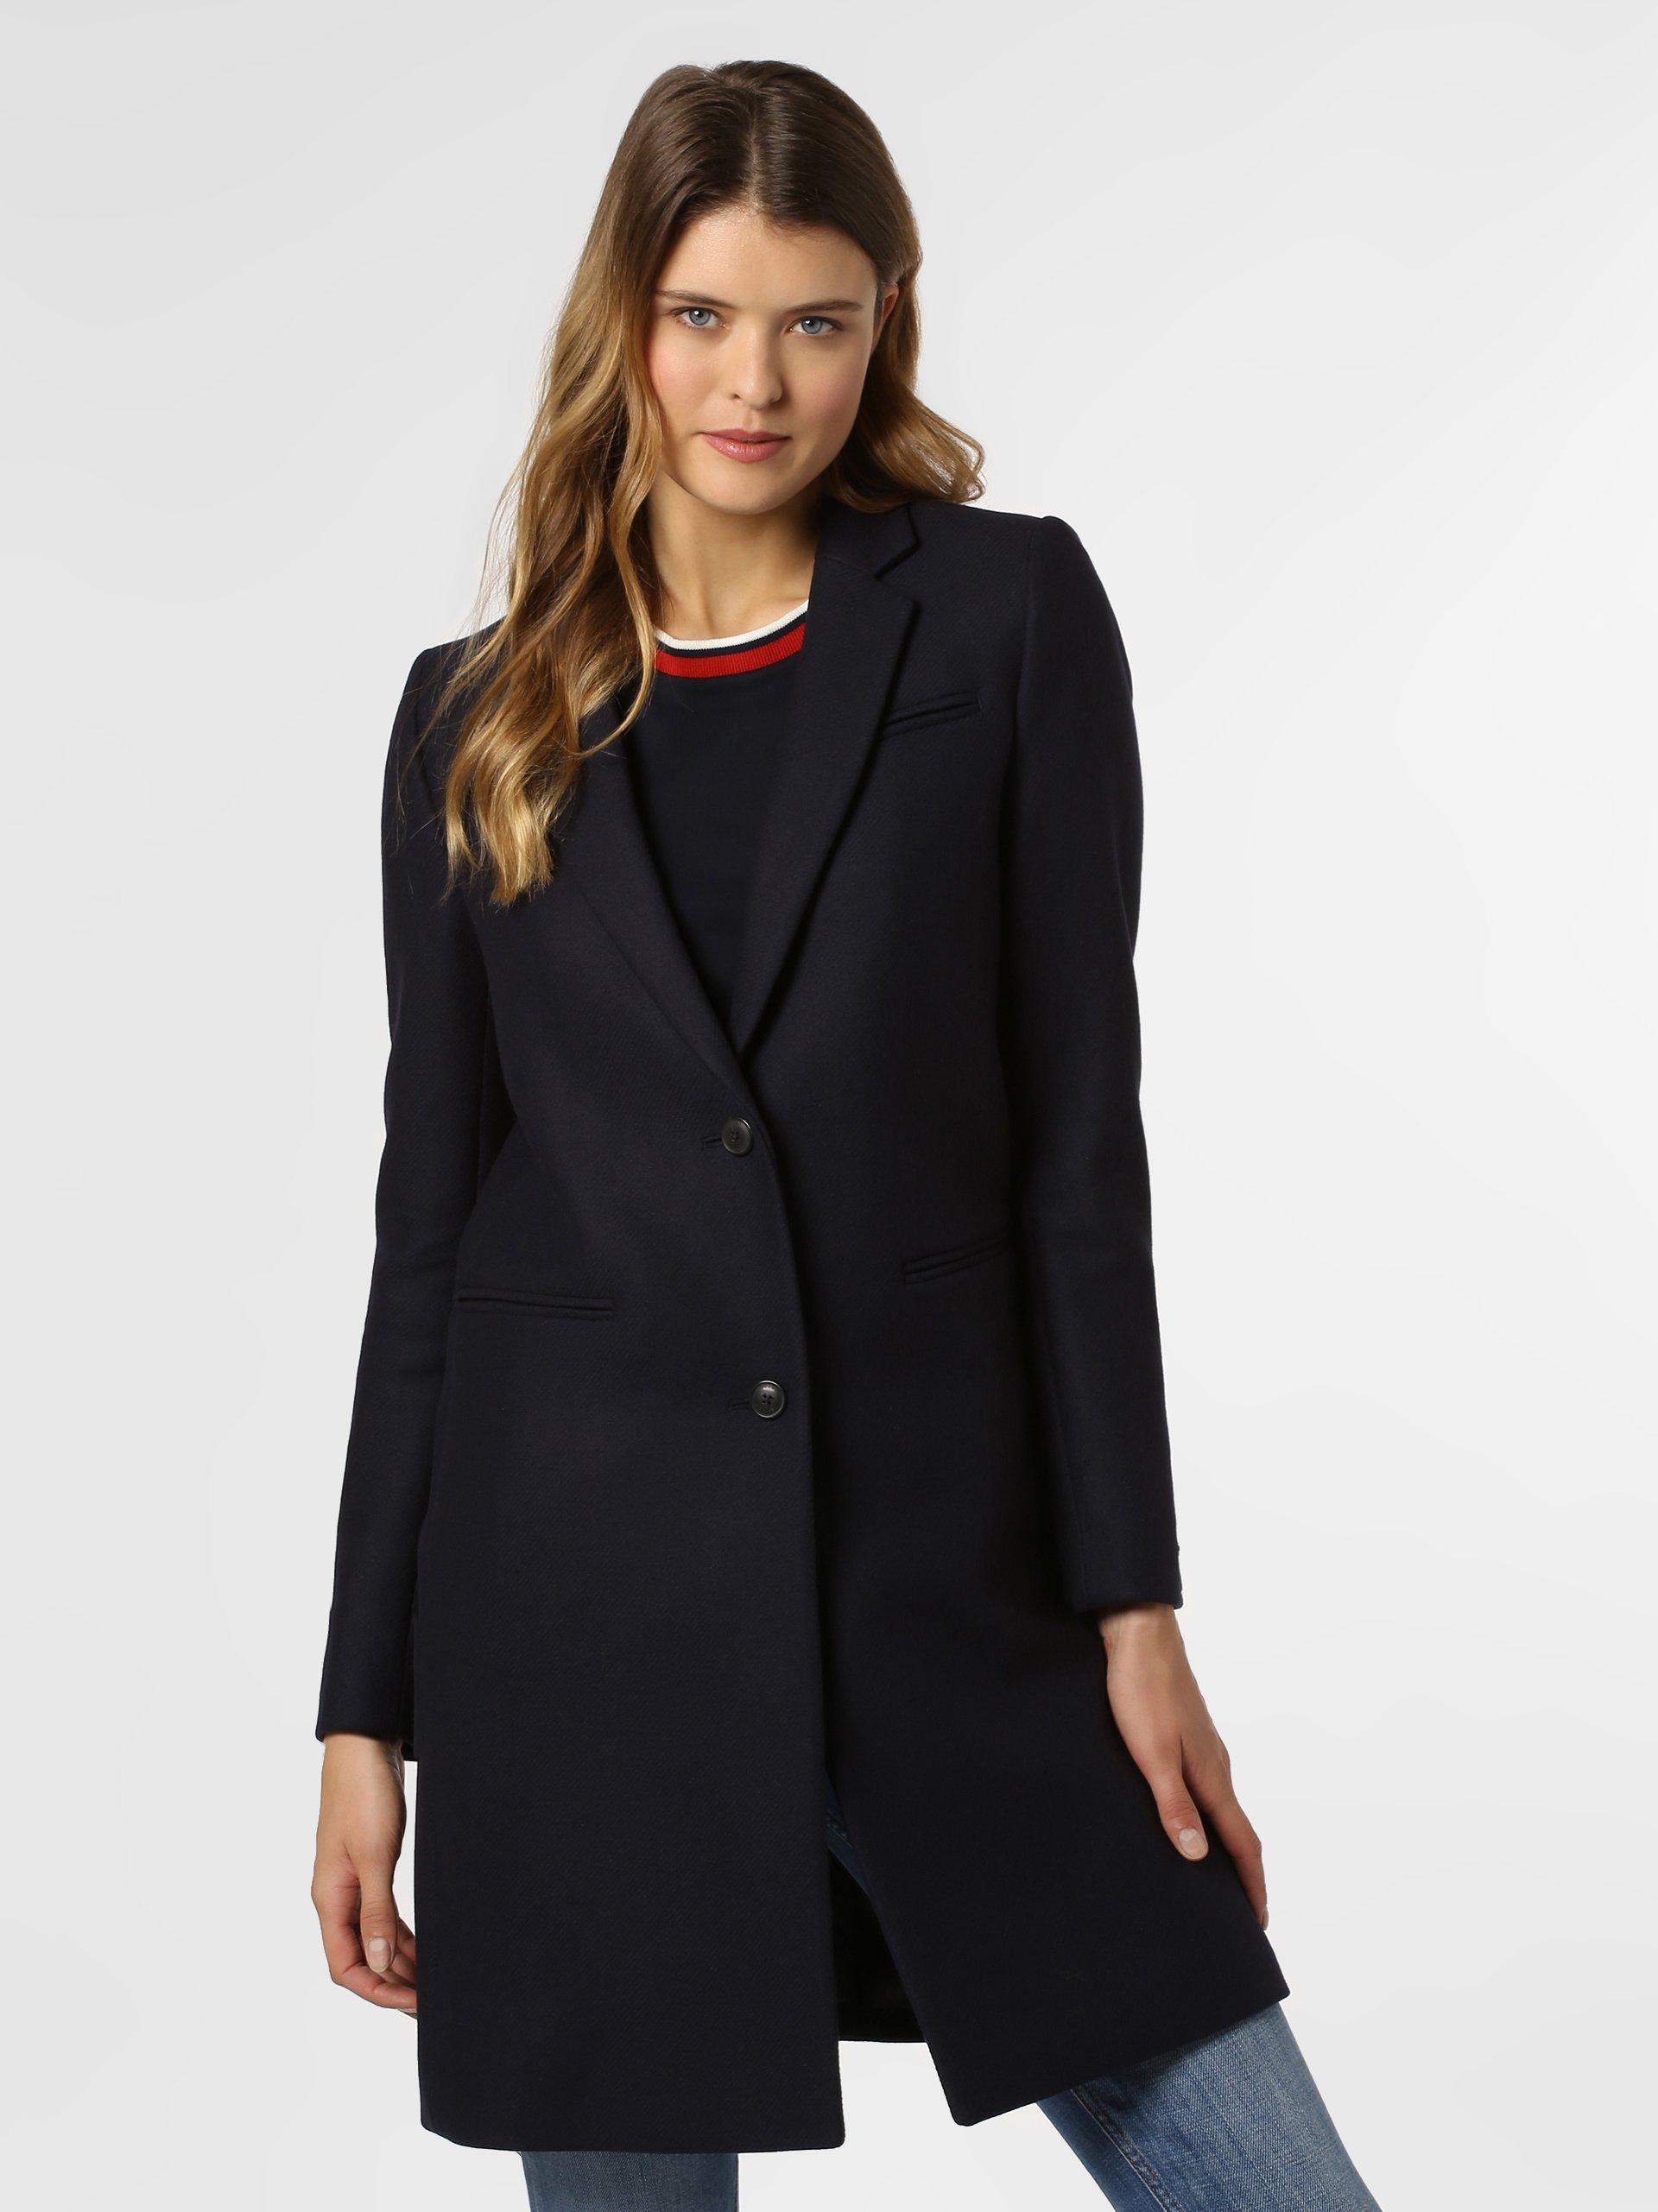 Mantel Damen 2021